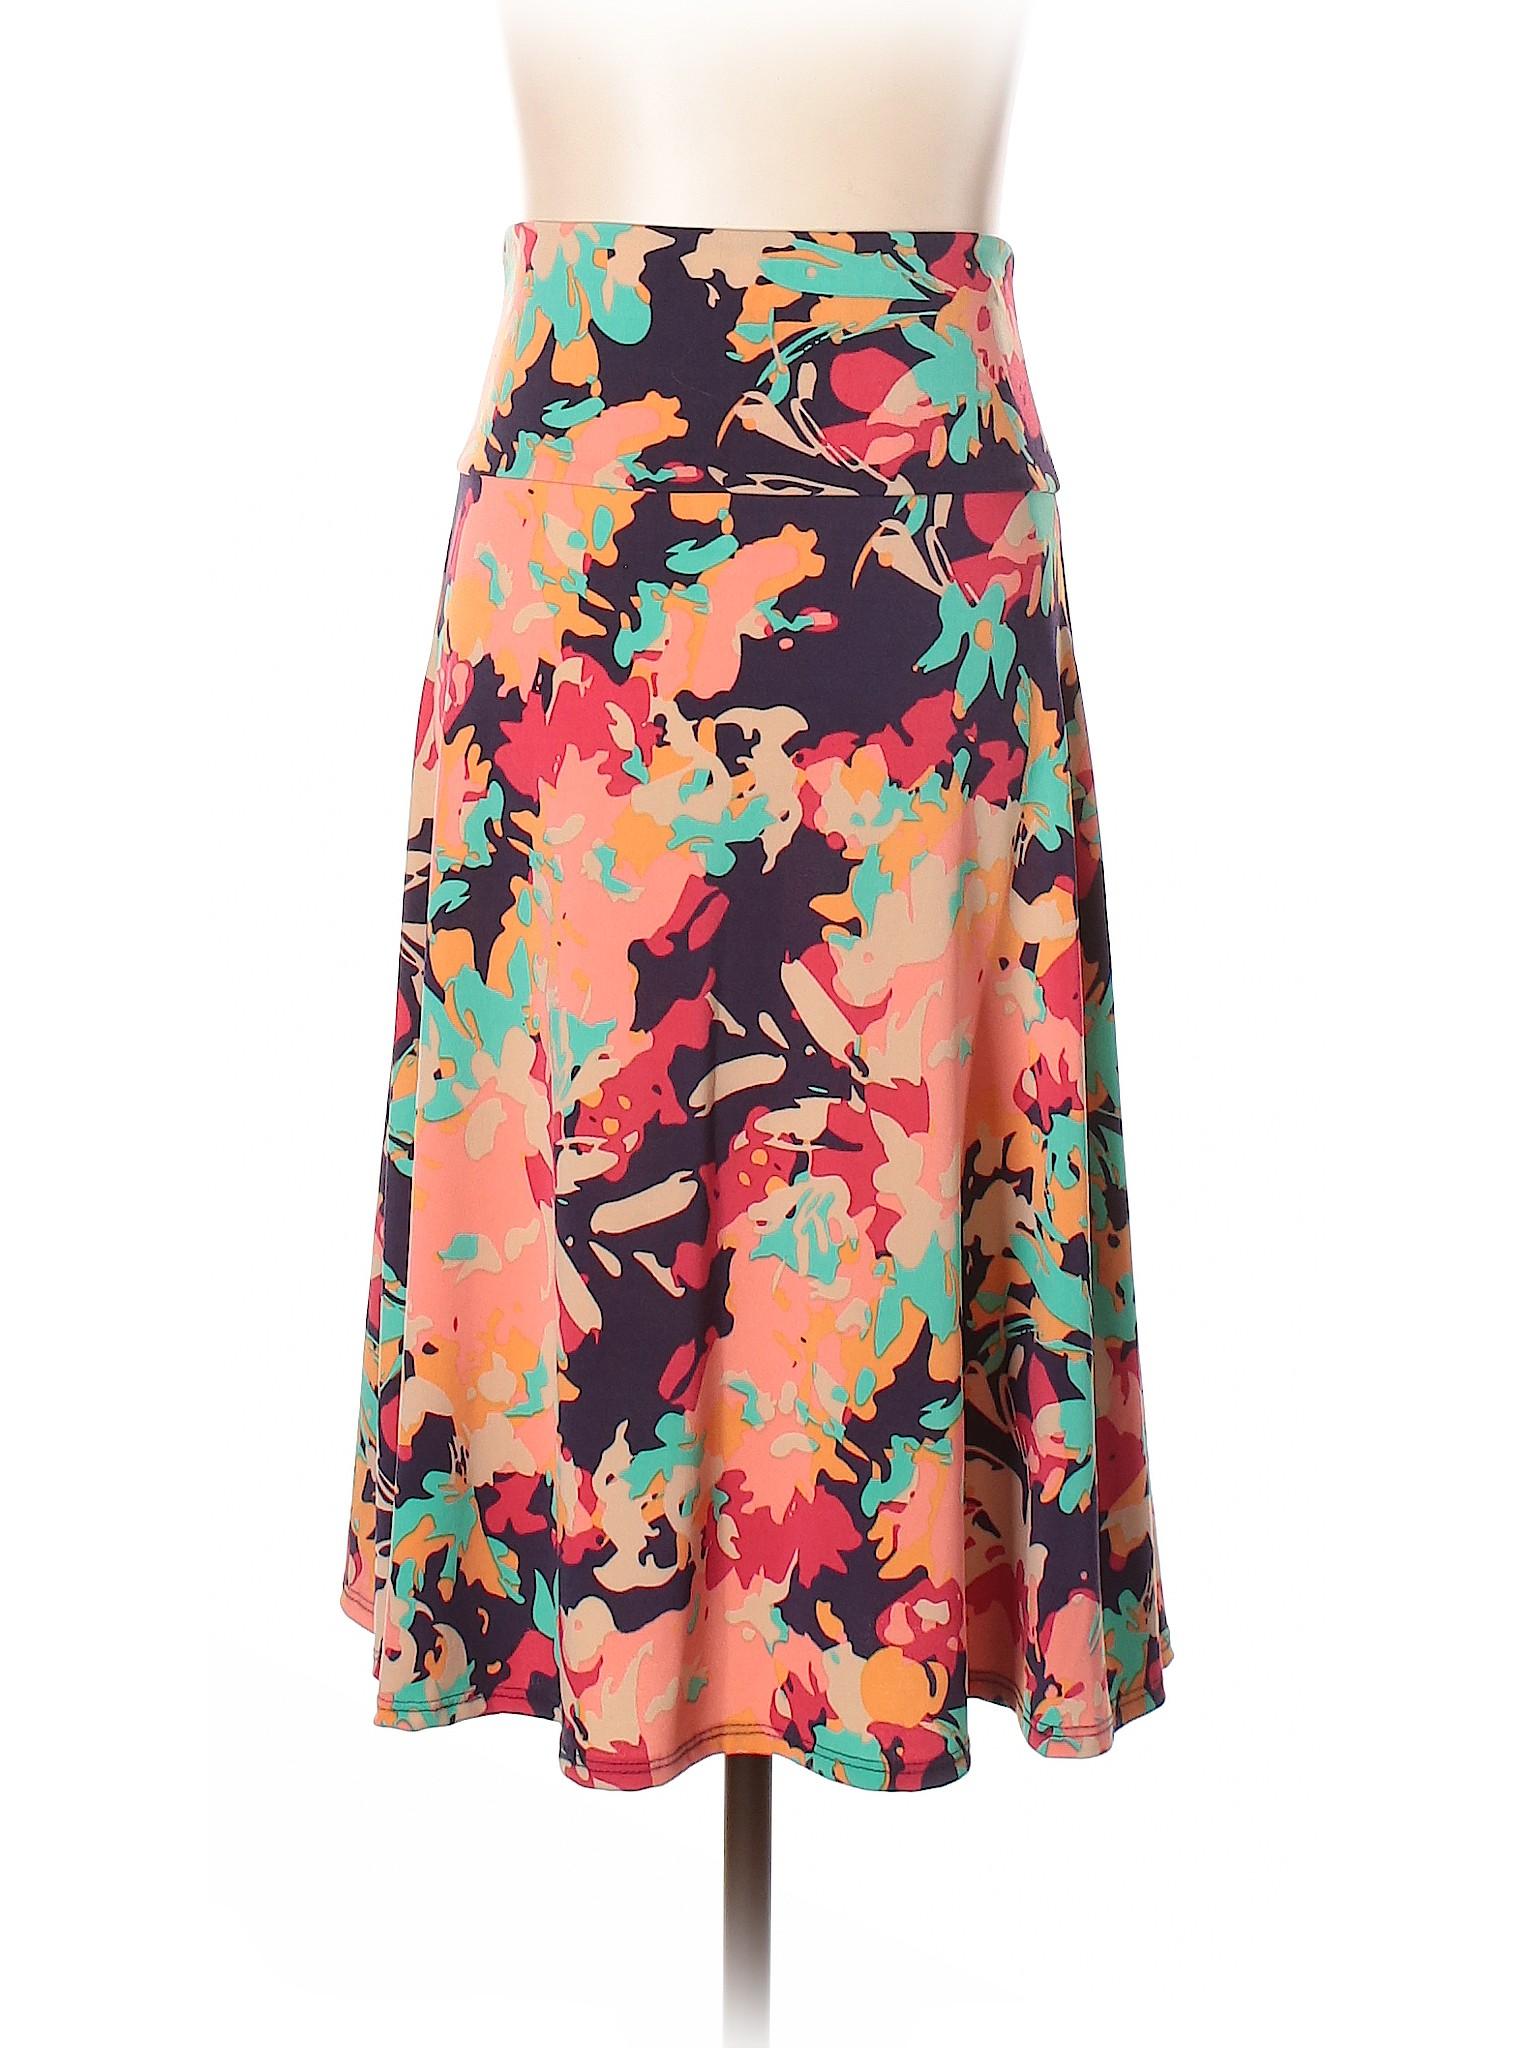 Casual Boutique Skirt Casual Skirt Casual Boutique Boutique Boutique Casual Skirt Skirt Boutique YxnPAPtq